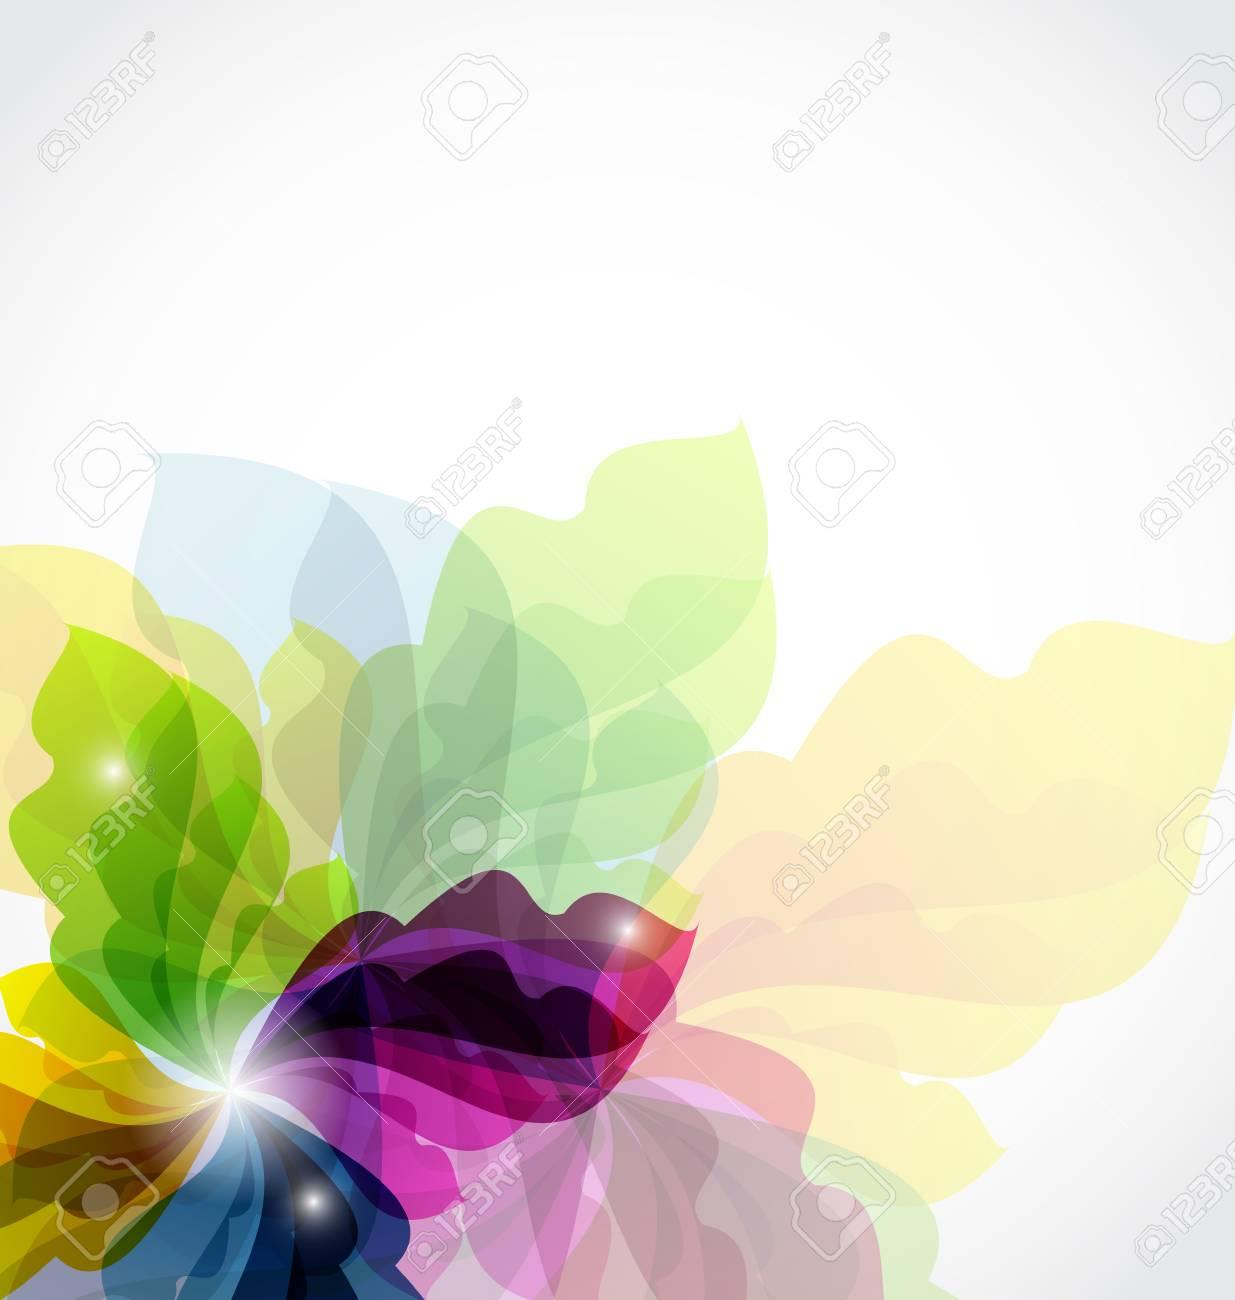 Illustration modern transparent floral background Stock Photo - 14492785